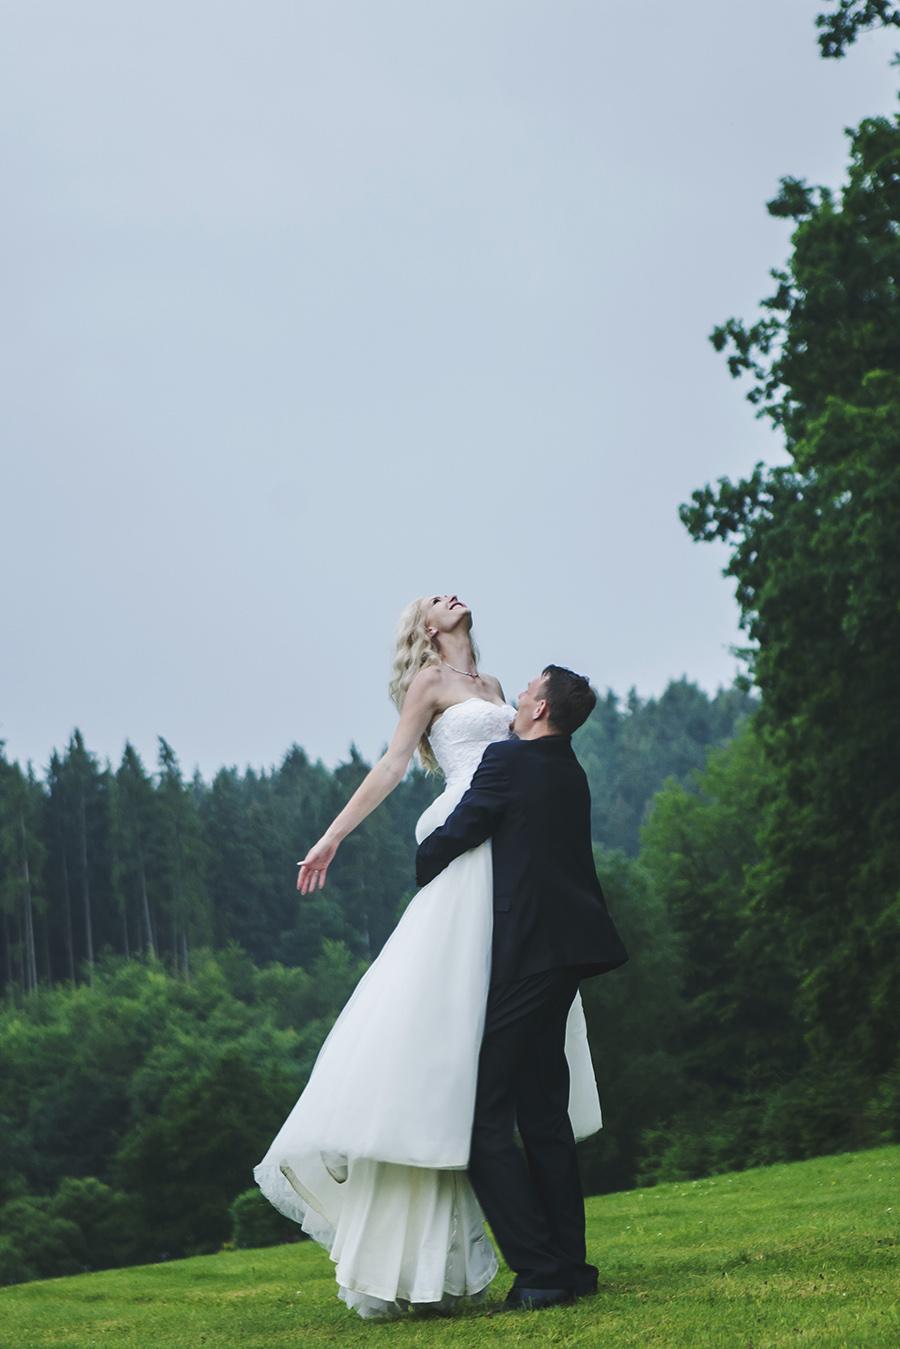 Svatba Chotysany - Obrázek č. 34